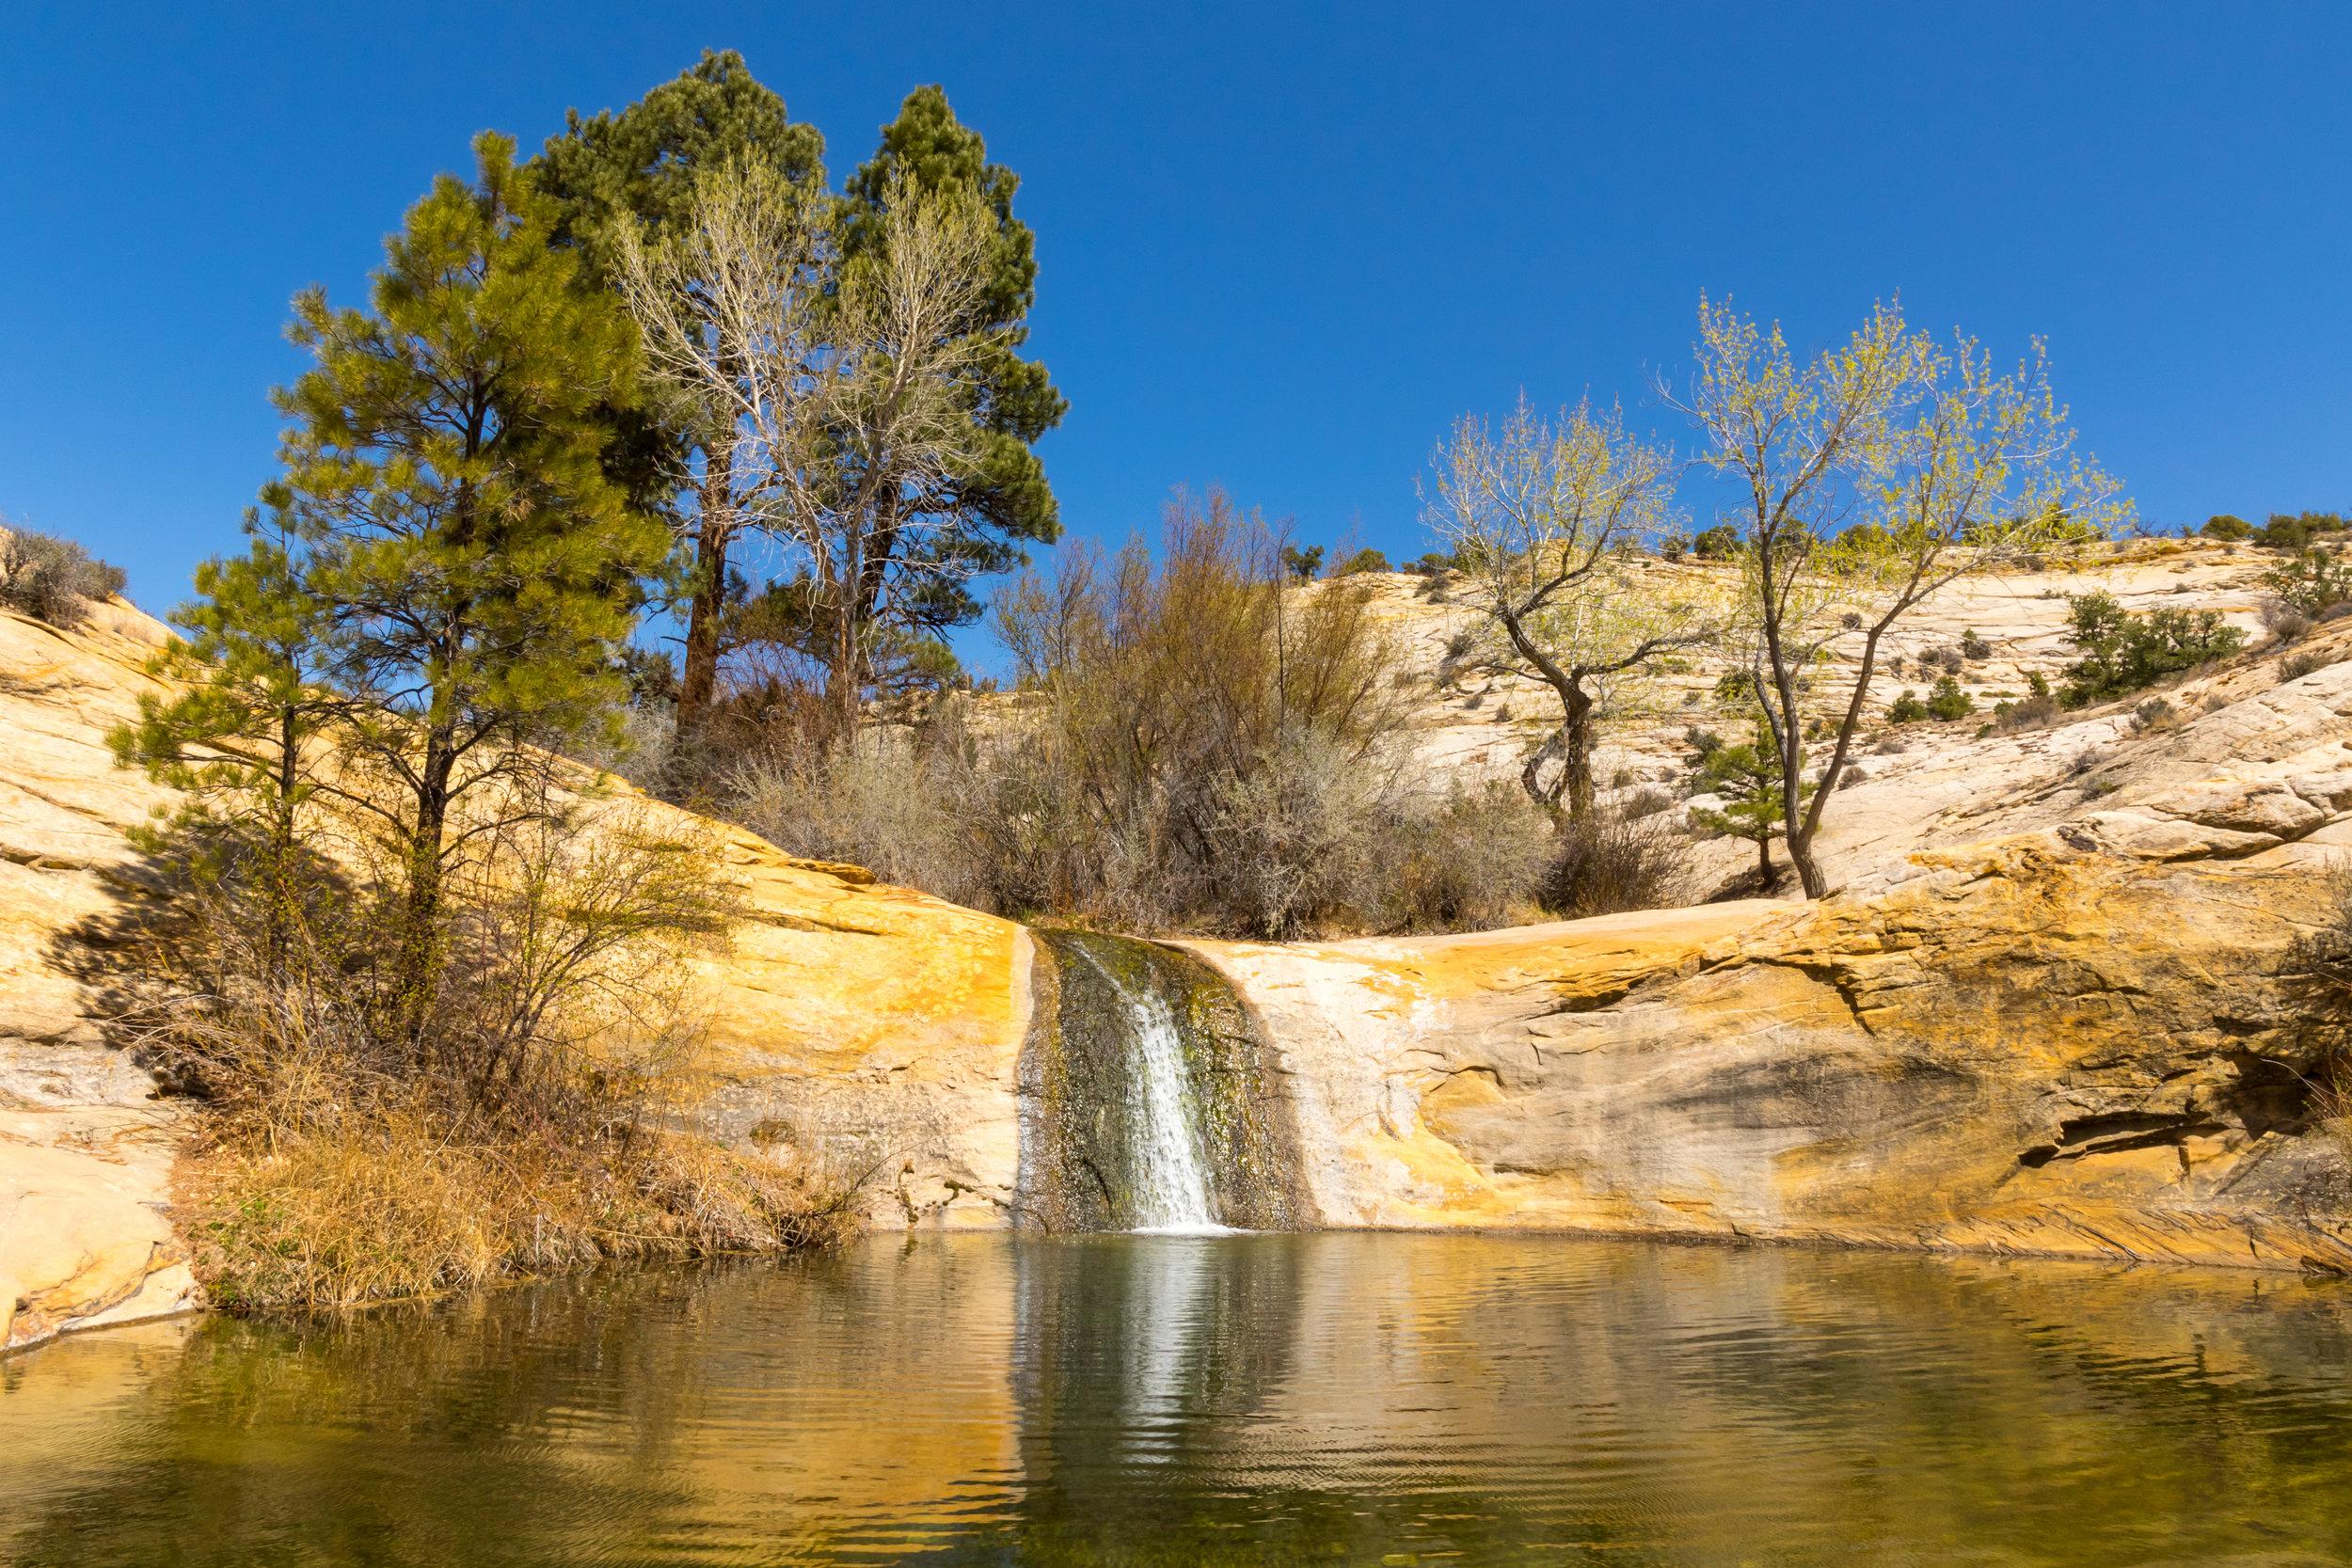 Upper Calf Creek Falls, Image # 2685